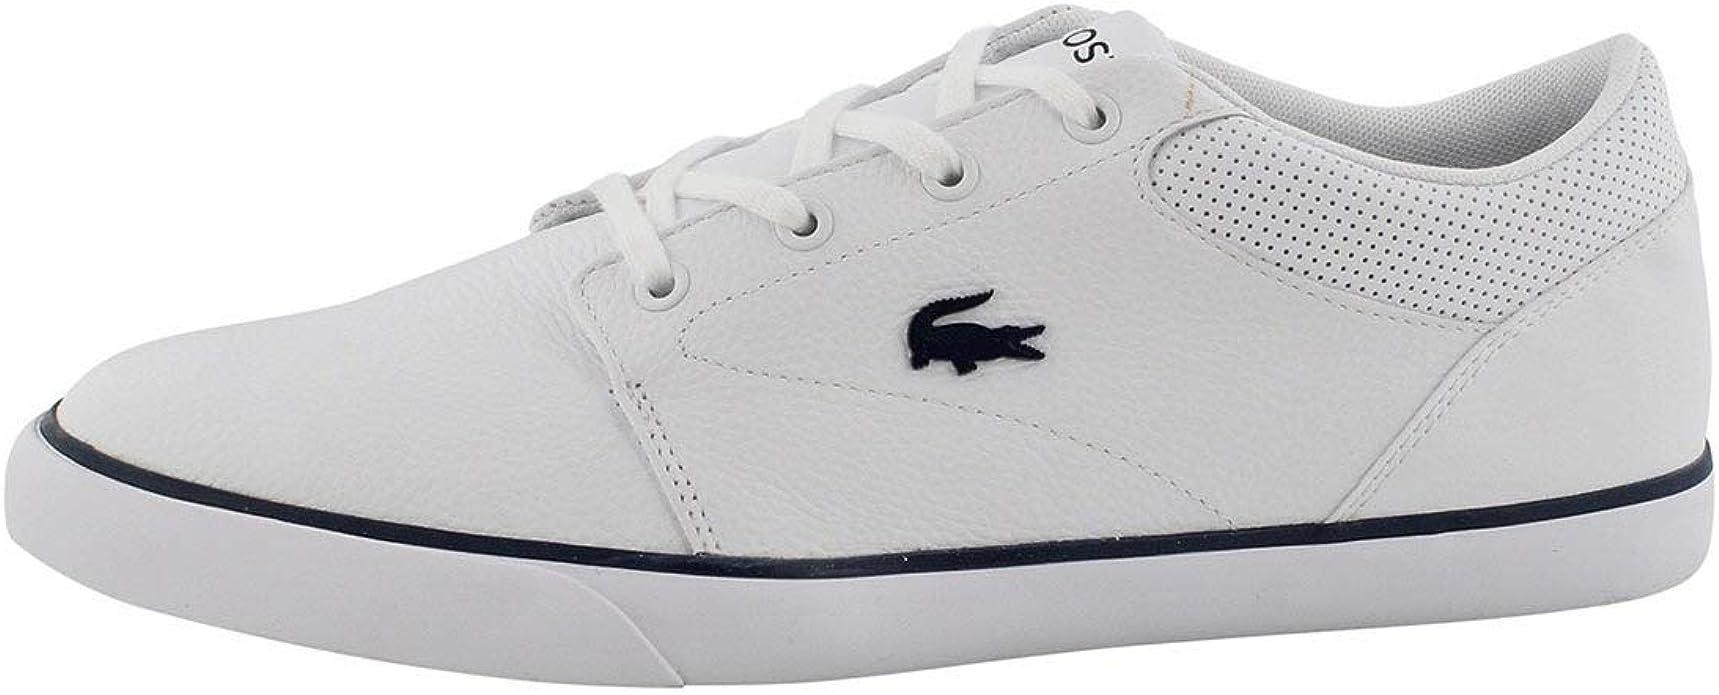 Minzah 119 1 P Fashion Sneaker: Amazon